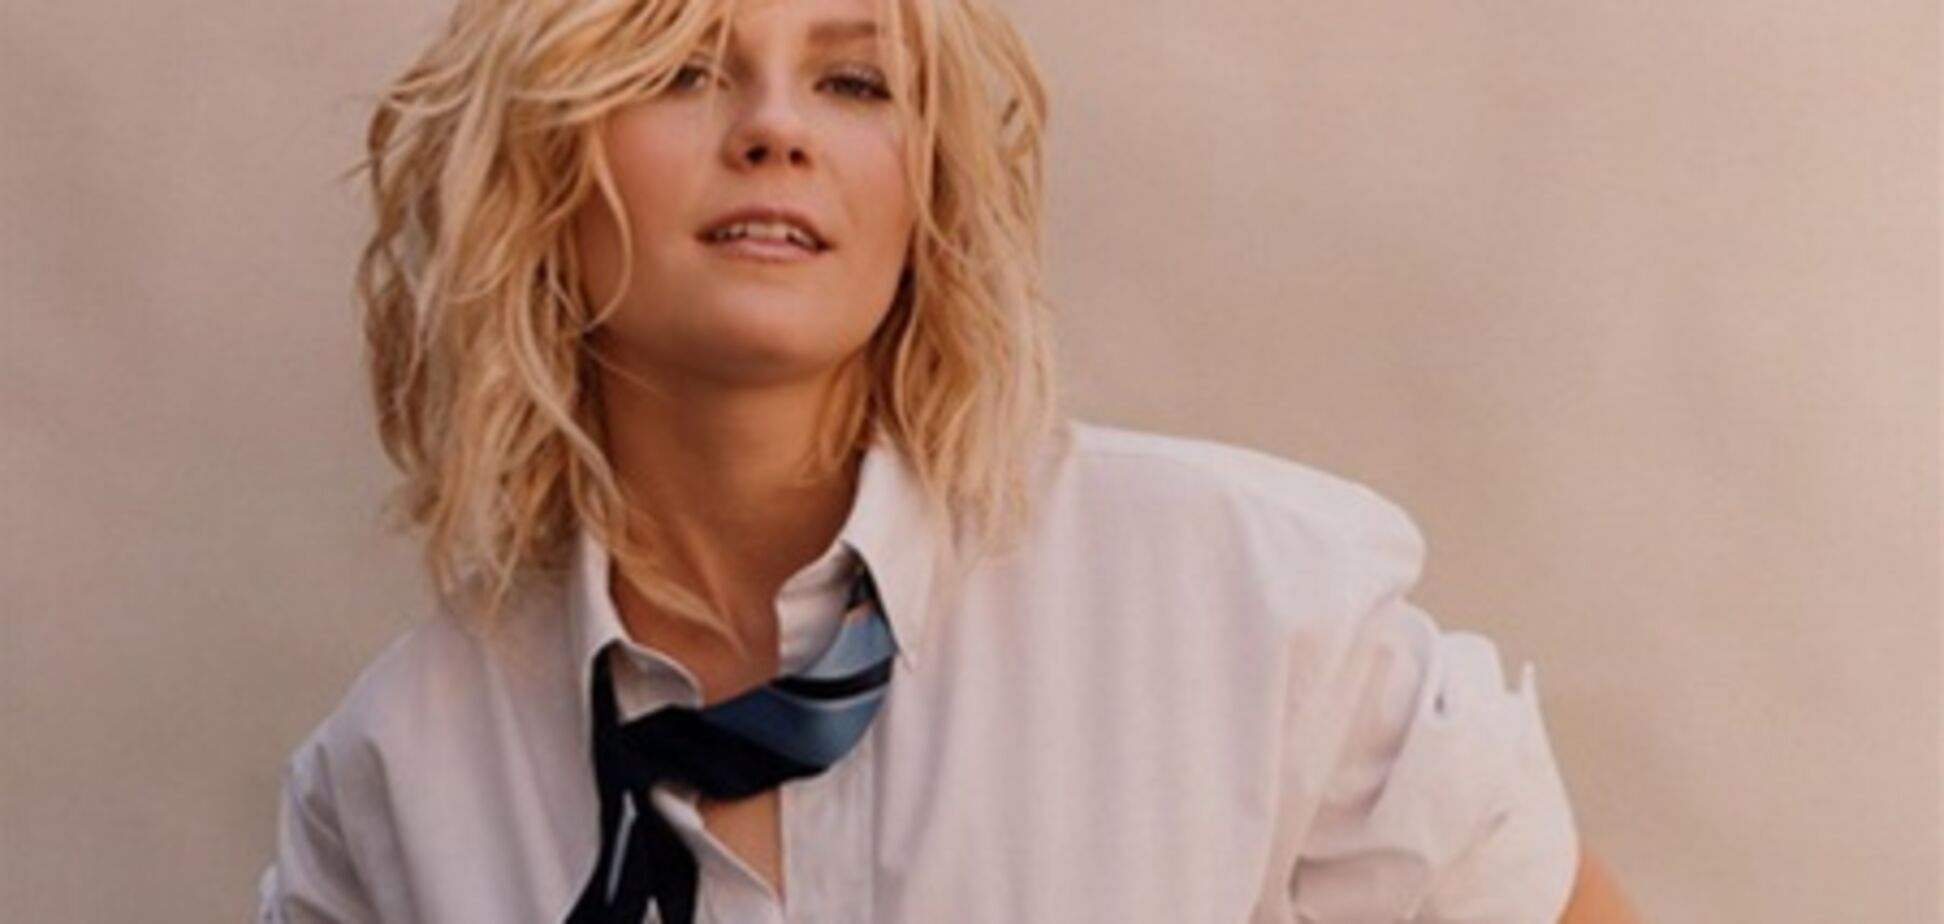 Кирстен Данст: тюль вместо юбки, галстук, чертовы рожки